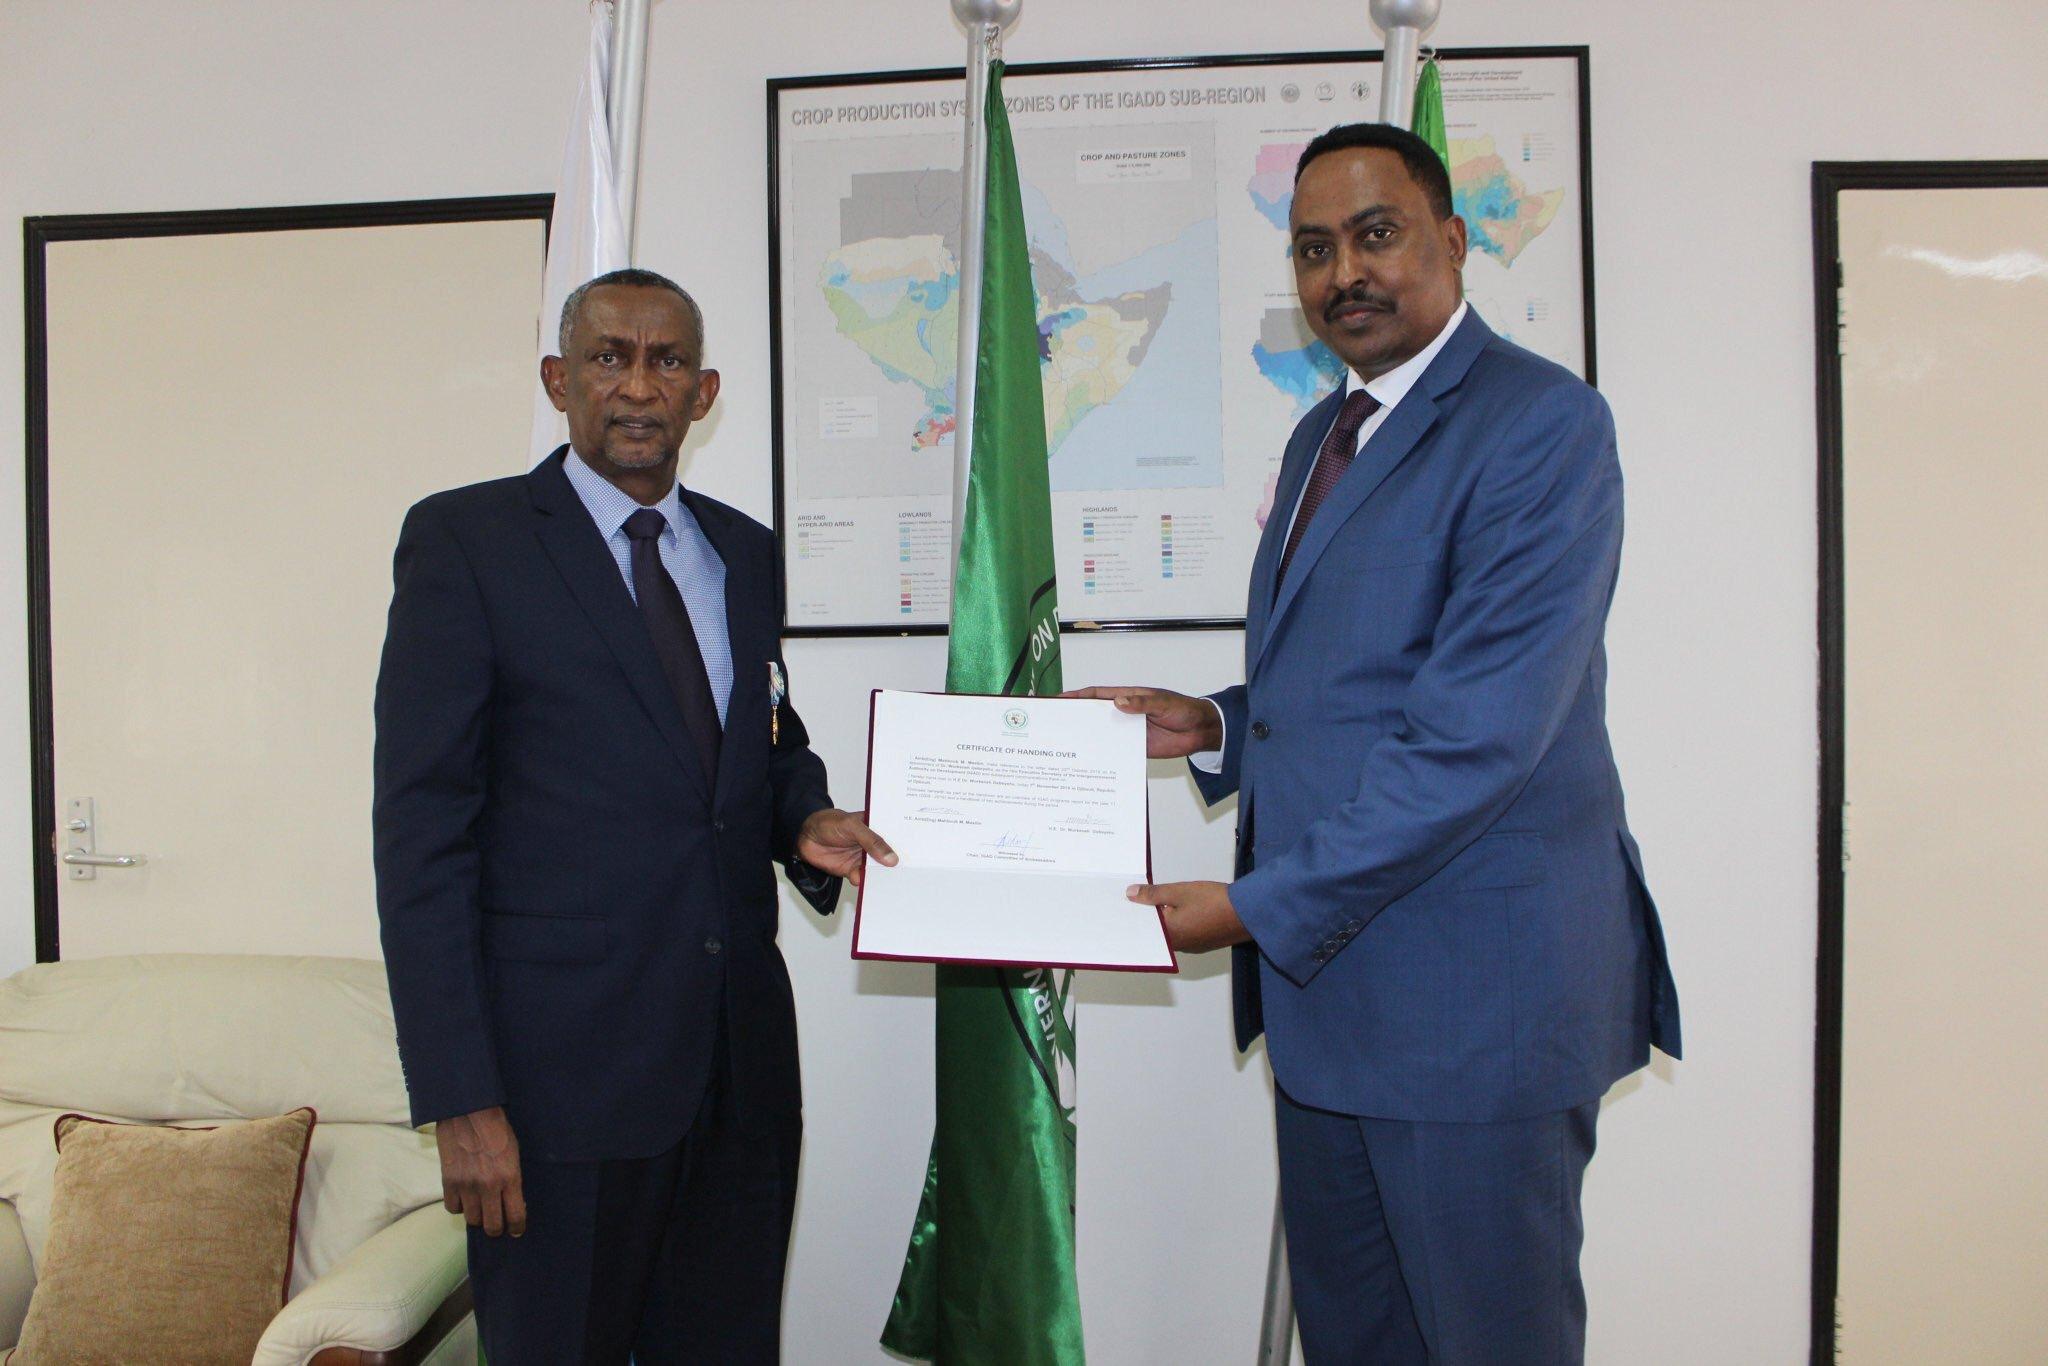 Wasiirkii Hore Ee Arimaha Dibada Ethiopia Oo Noqday Xoghayaha Urur Goboleedka IGAD